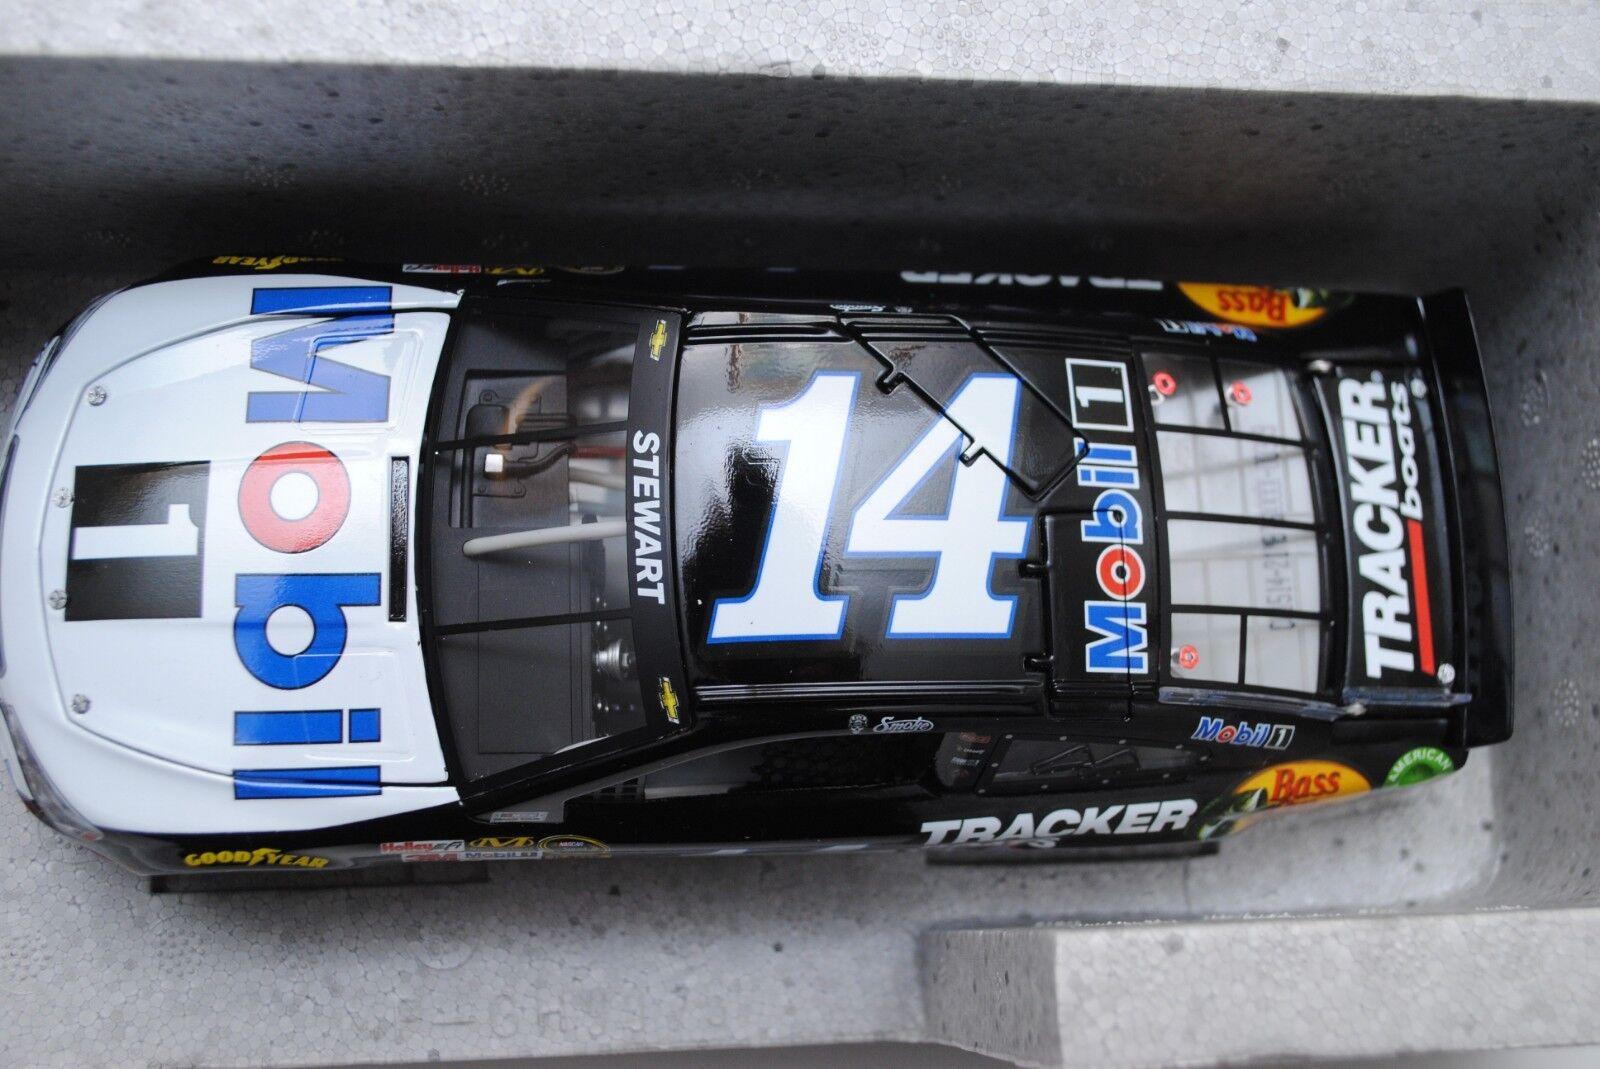 NIB 2015 TONY STEWART STEWART STEWART HAAS LIONEL RACING 1 24 MOBIL 1 NASCAR DIECAST CAR b91b2e